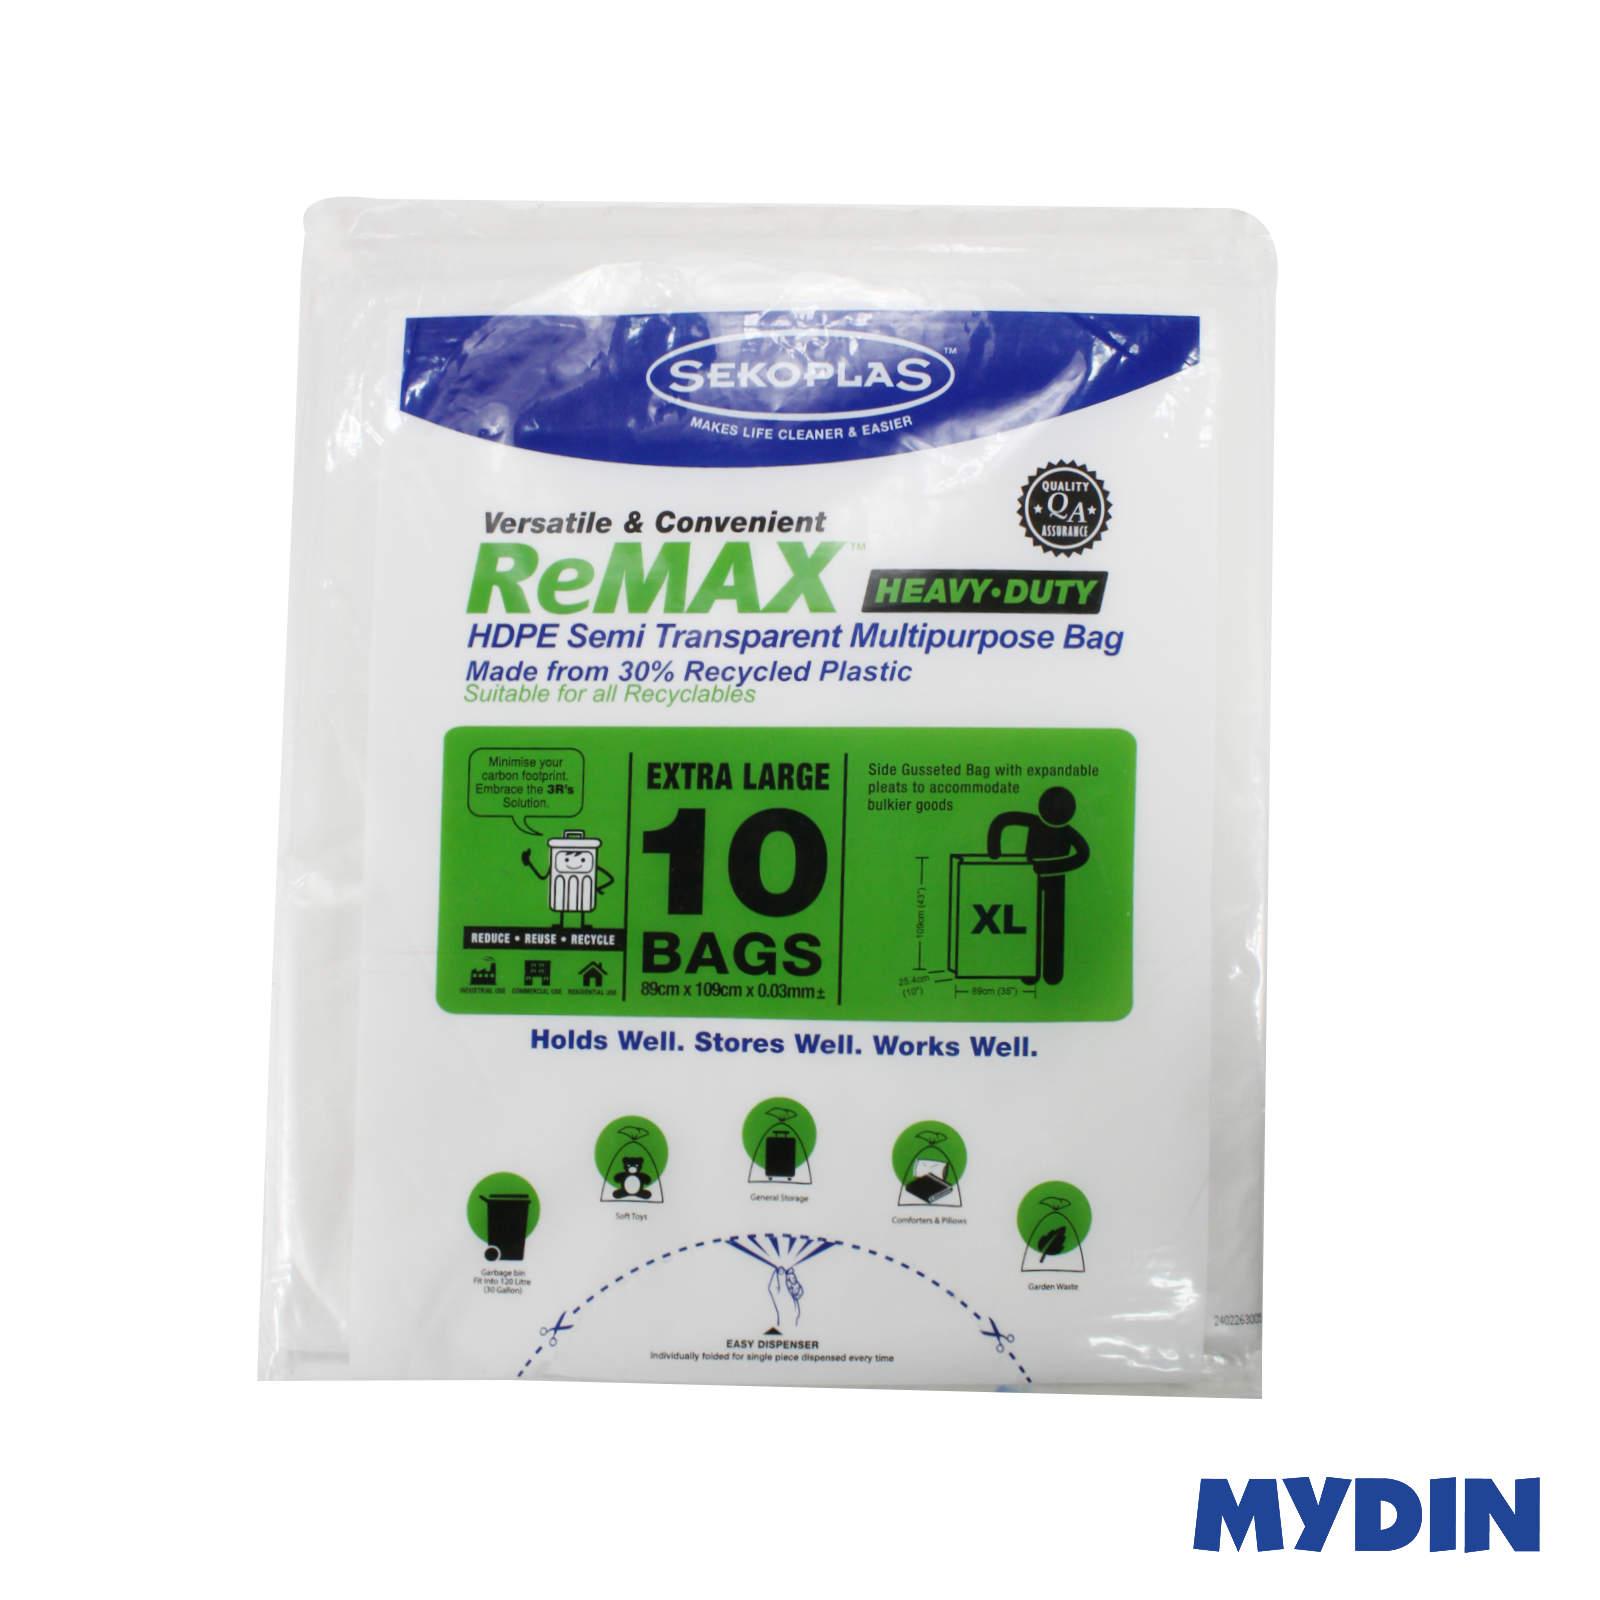 Sekoplas Remax HDPE Garbage Bag (White) - XL